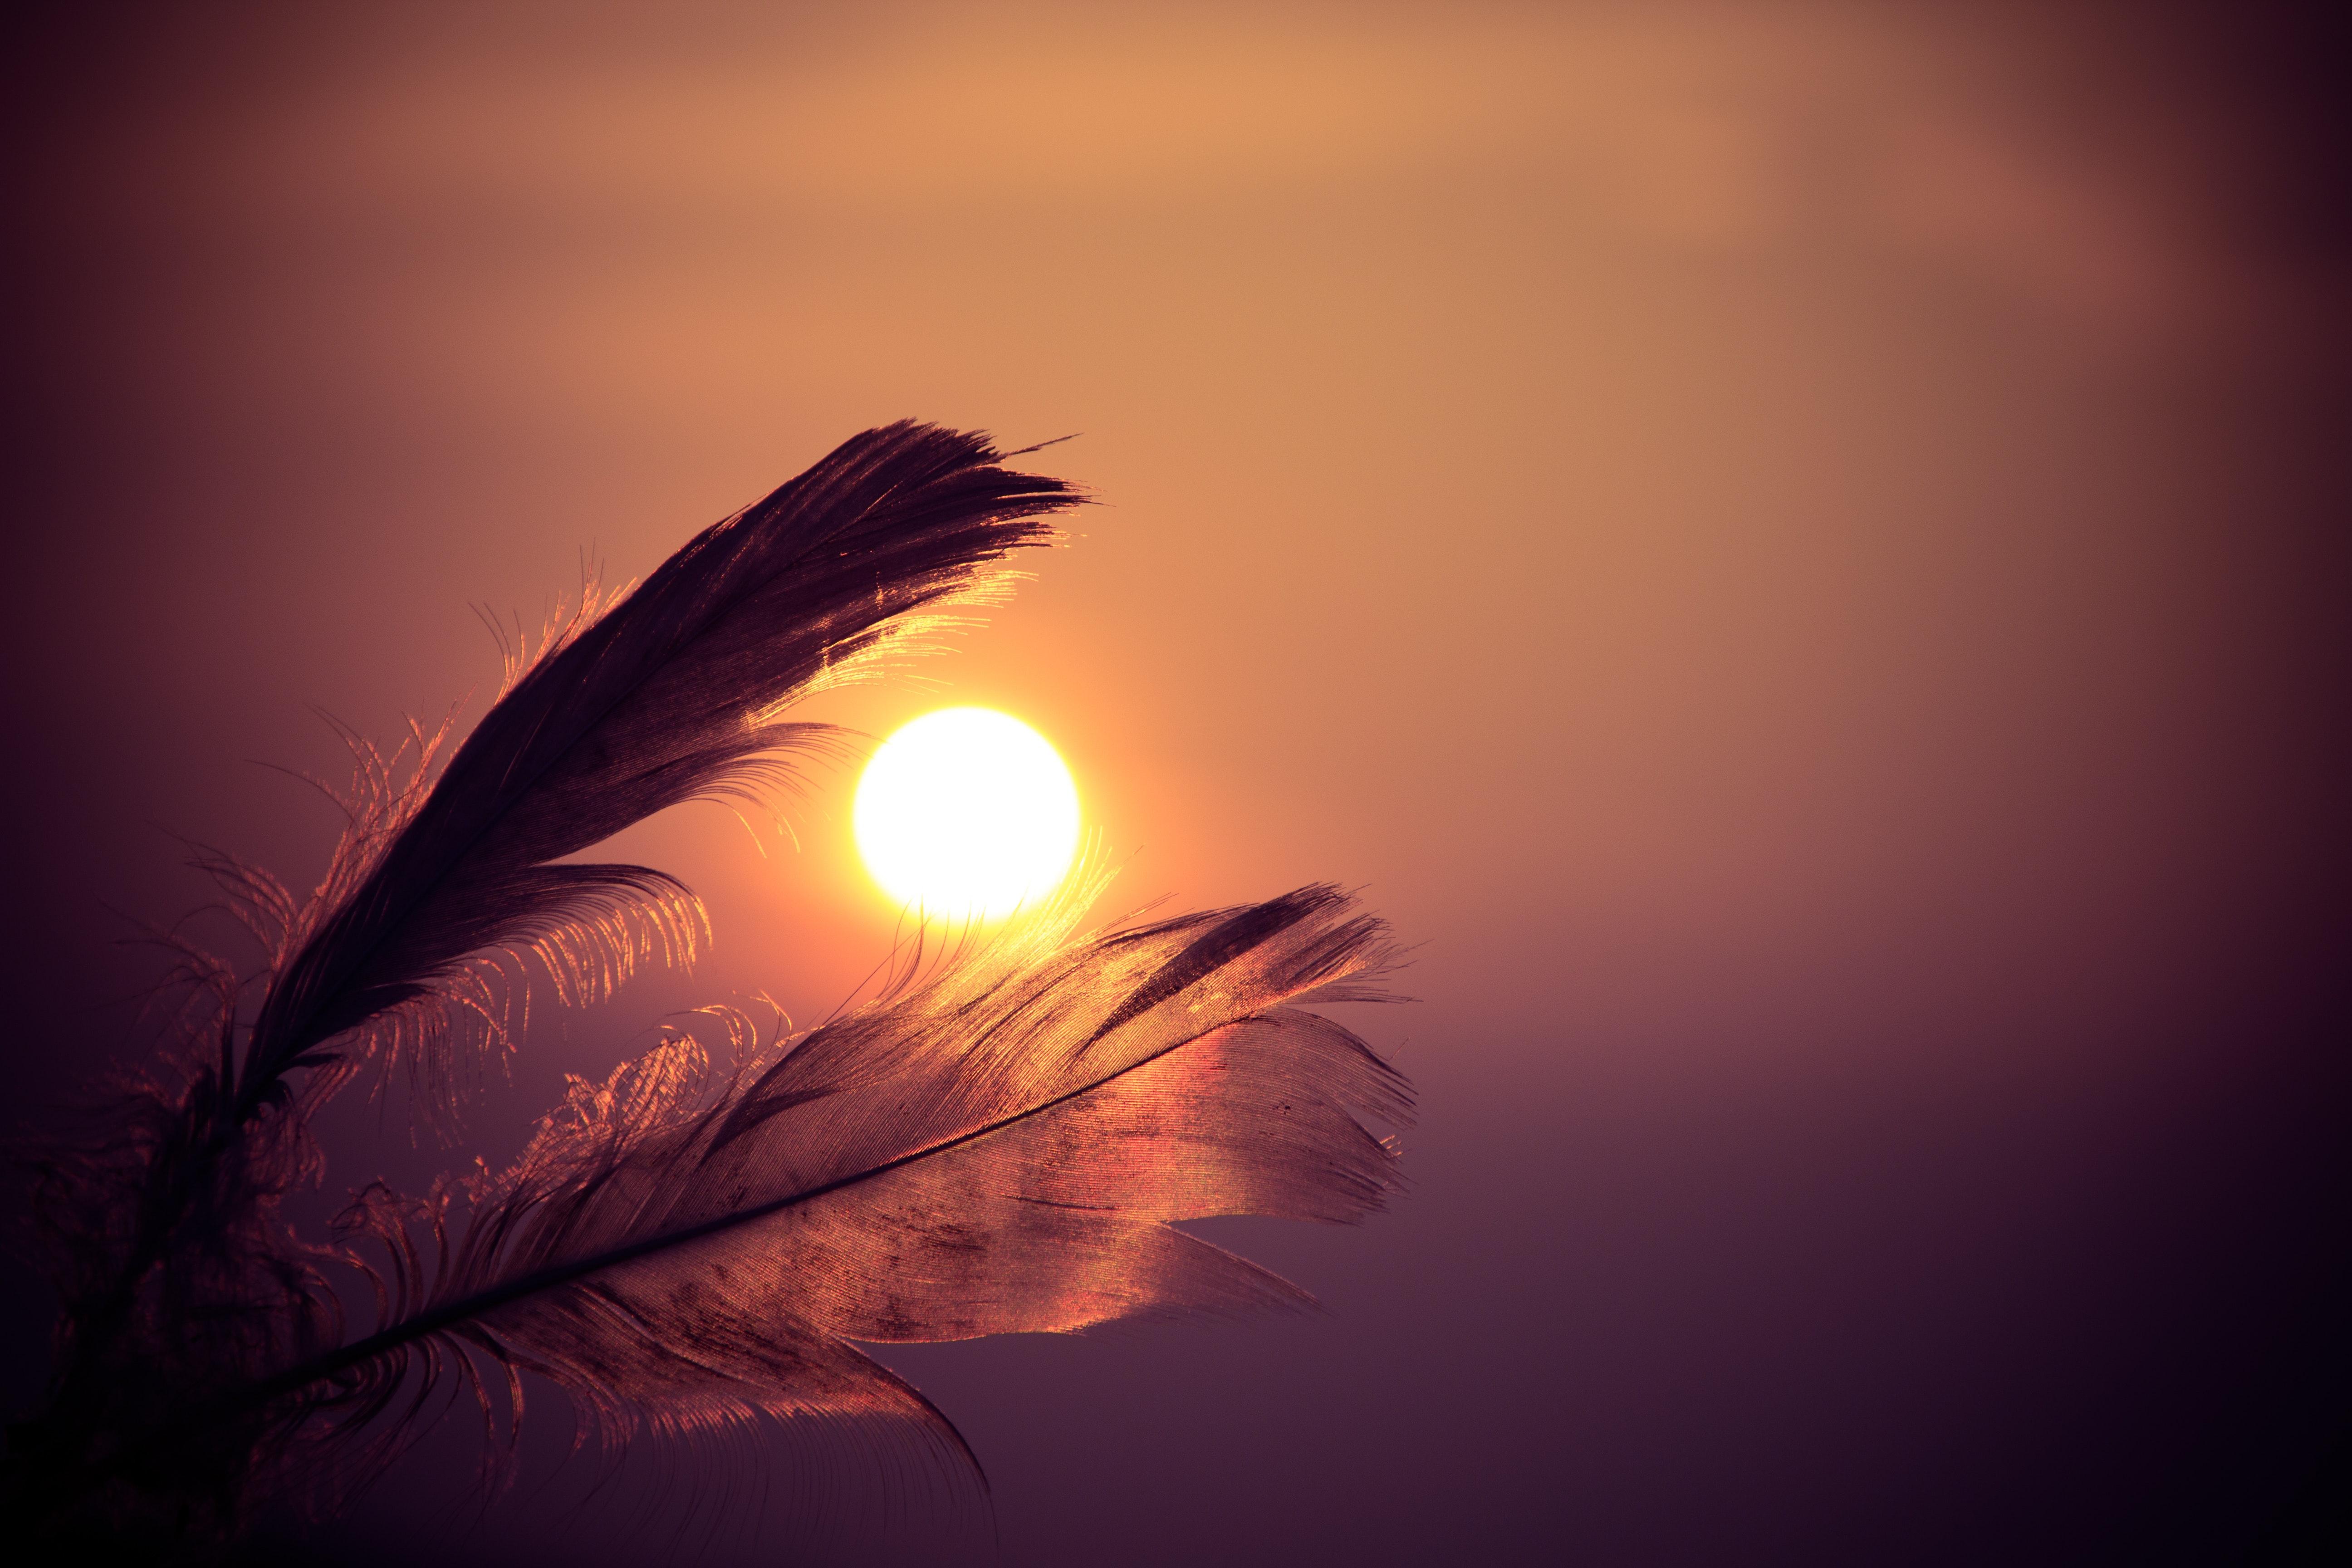 feathers-sky-sun-8662